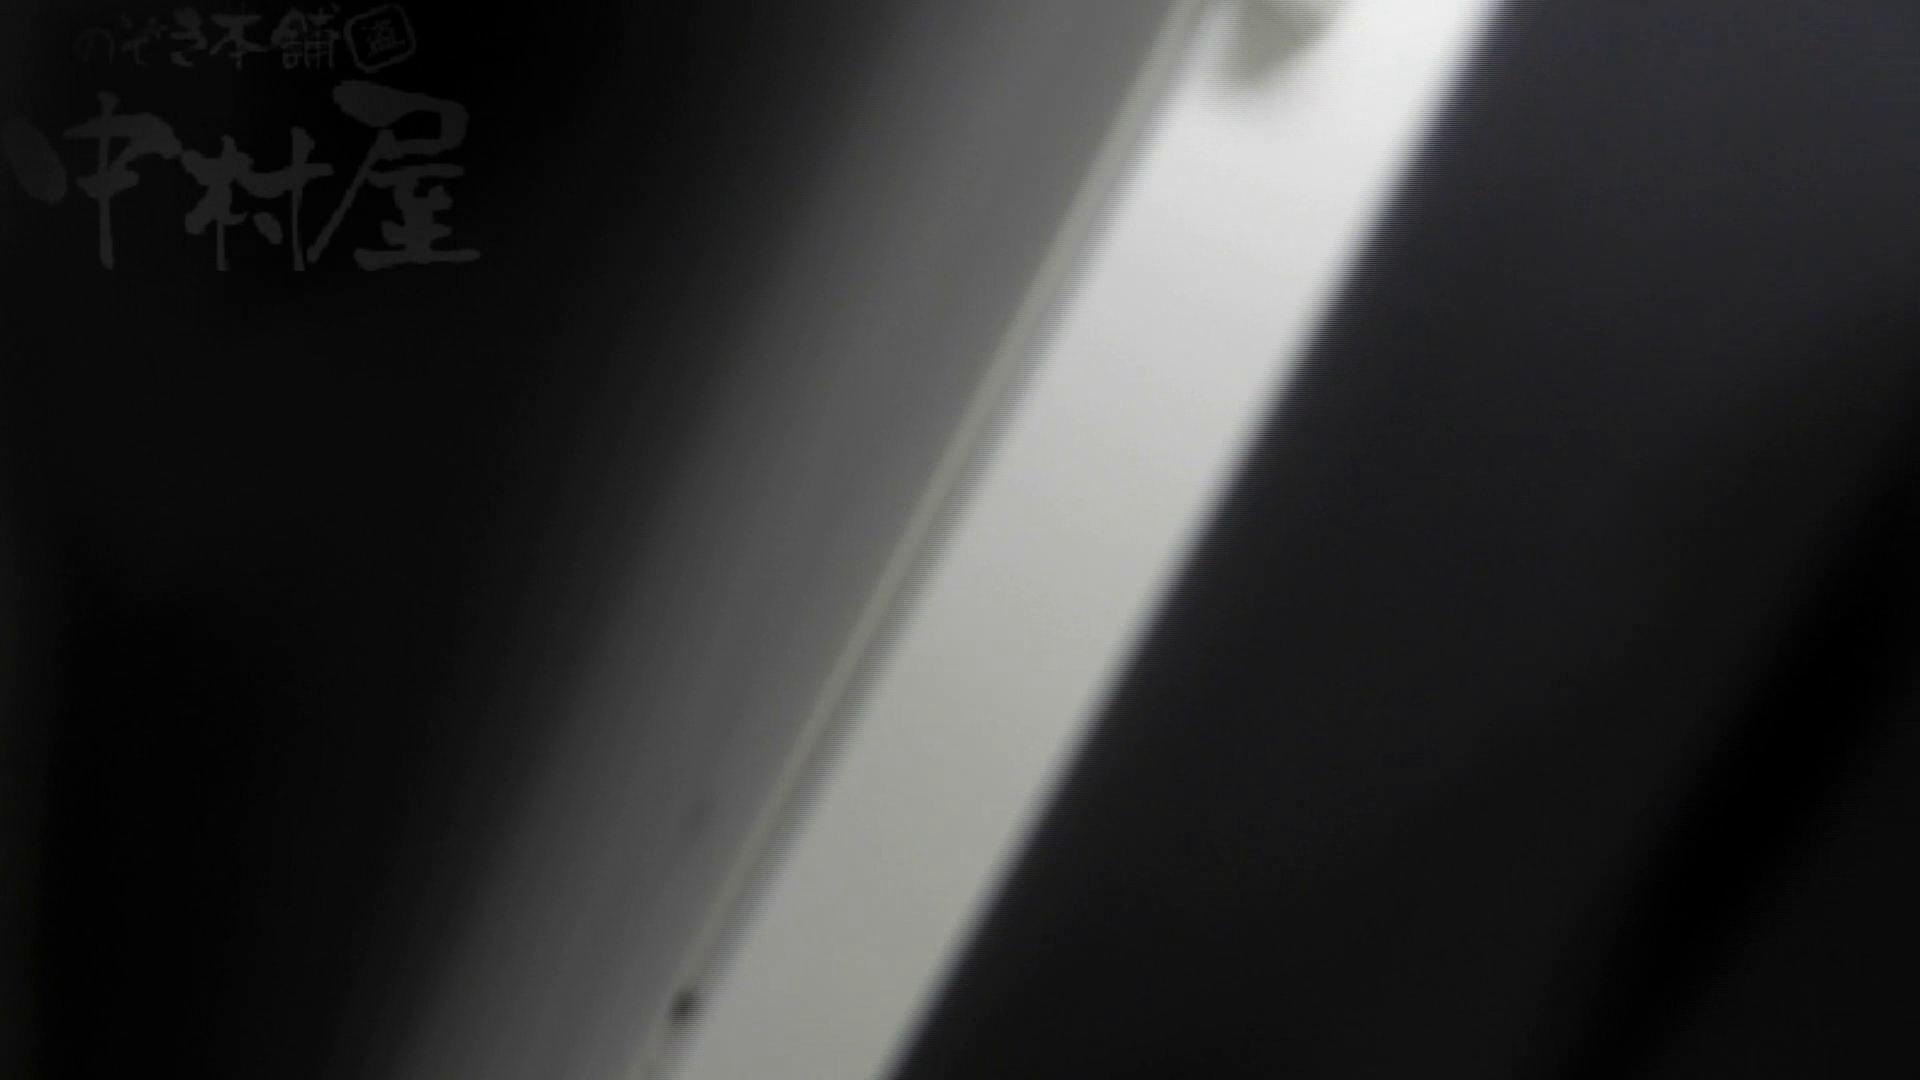 美しい日本の未来 No.17 結構大変!瞬間移動かーらーのっ、隙間撮り! お姉さん丸裸 すけべAV動画紹介 92pic 55